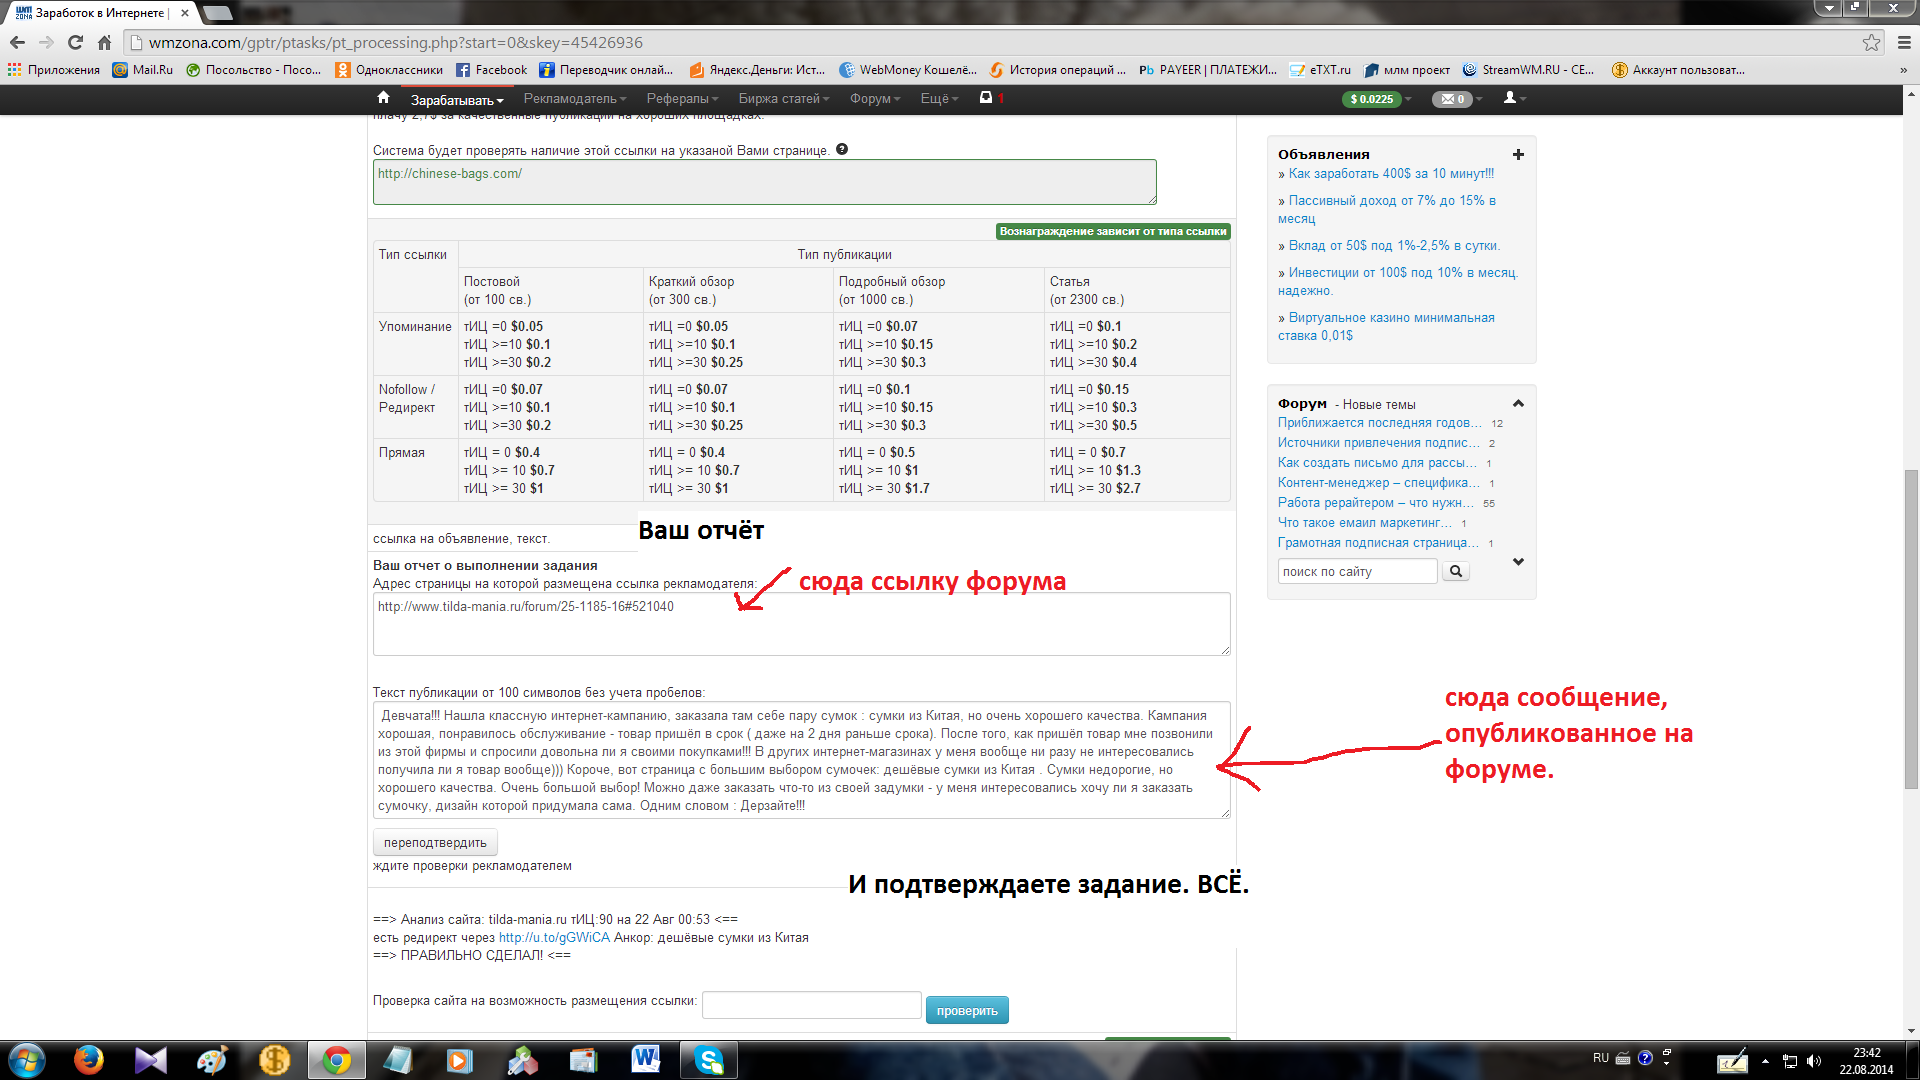 Платят за размещению ссылок на сайте создание сайтов и прибыль от них